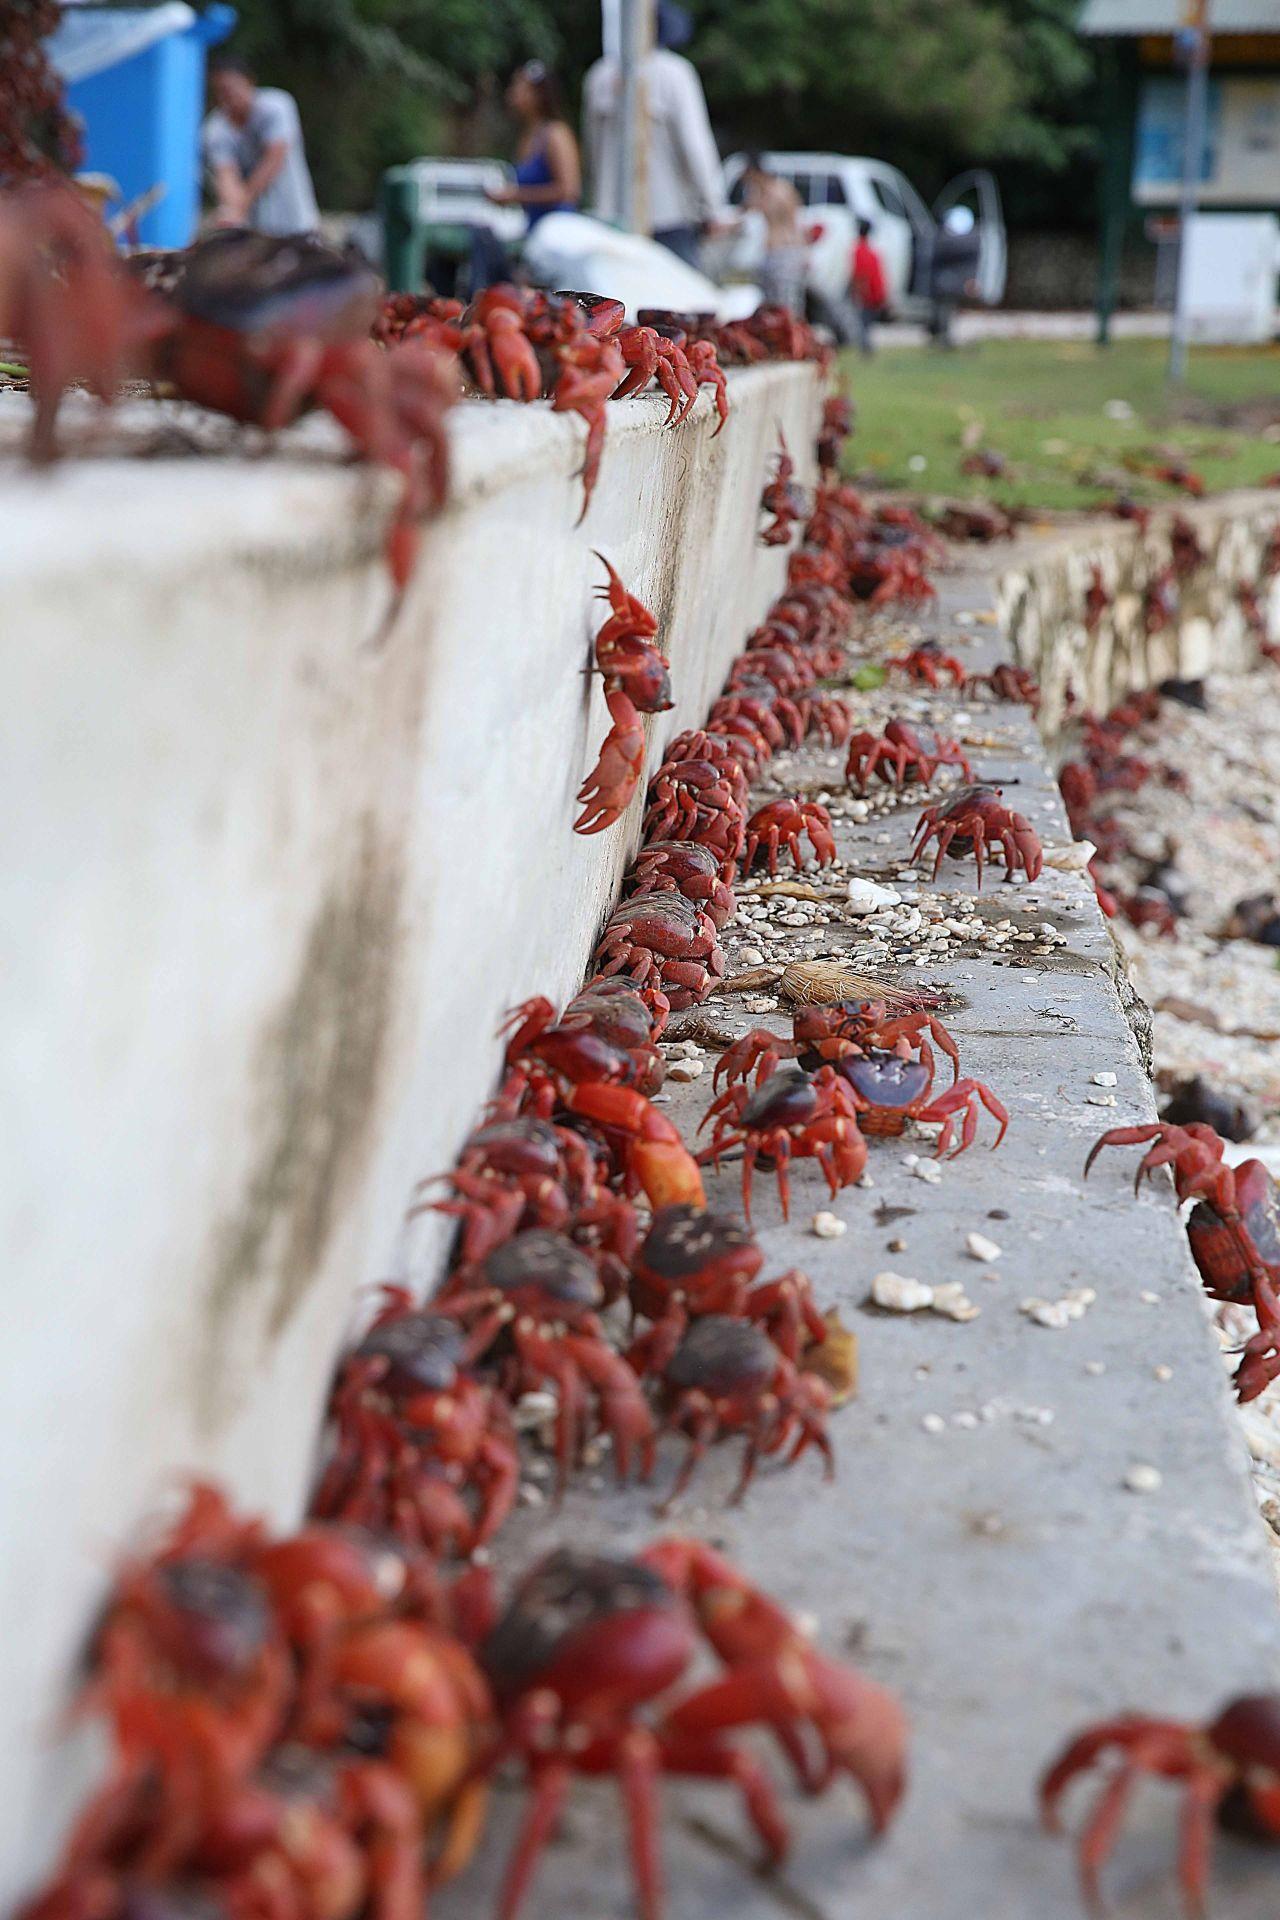 Um die Massenwanderung der Krabben mitzuerleben, reisen viele Touristen an.